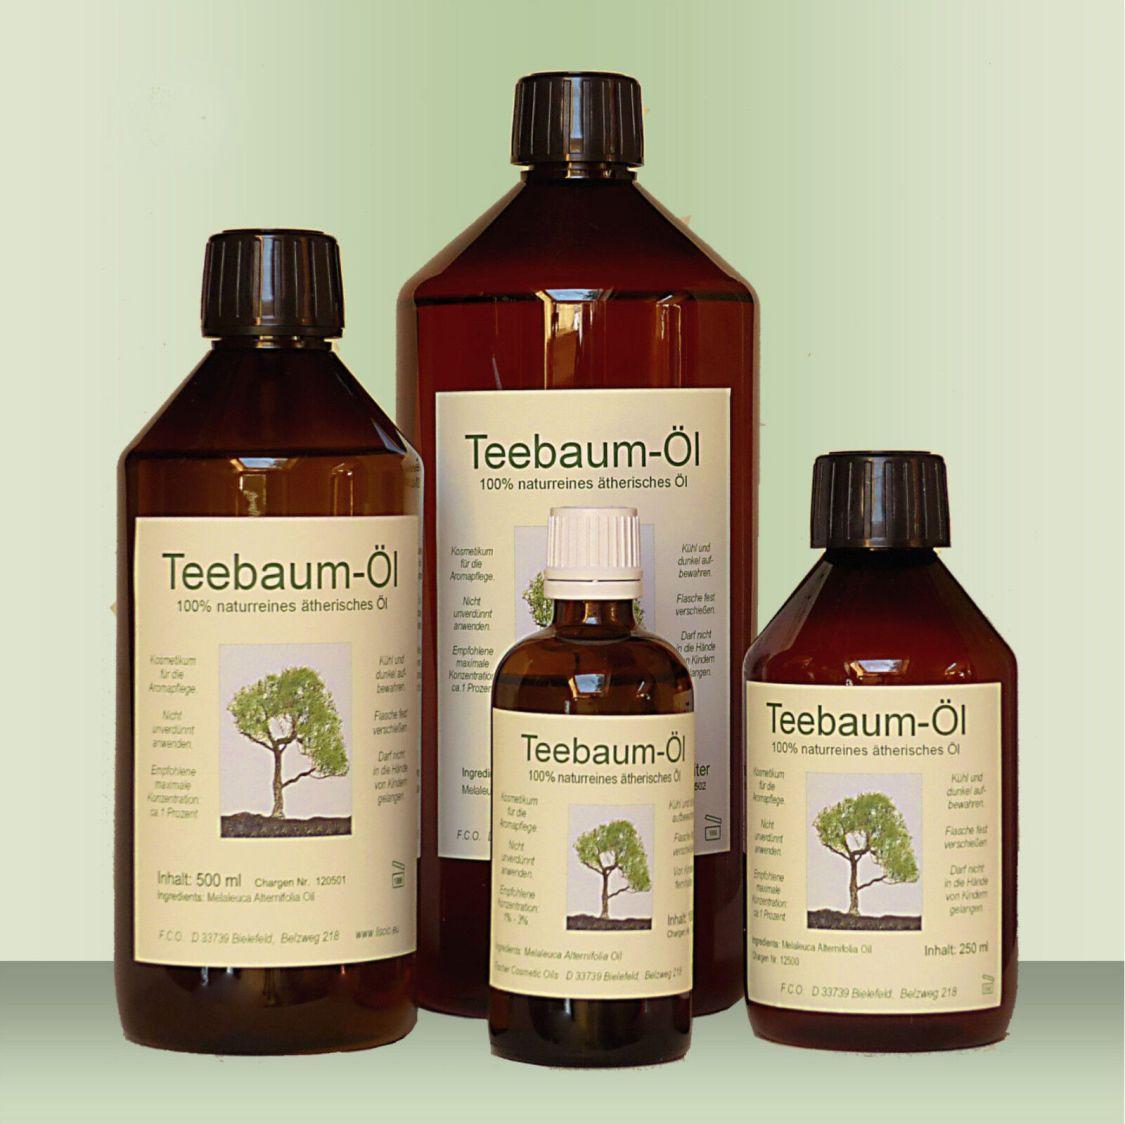 Teebaum Öl Teebaumöl 50 - 1000 ml, 100% naturreines ätherisches Öl (Australien)